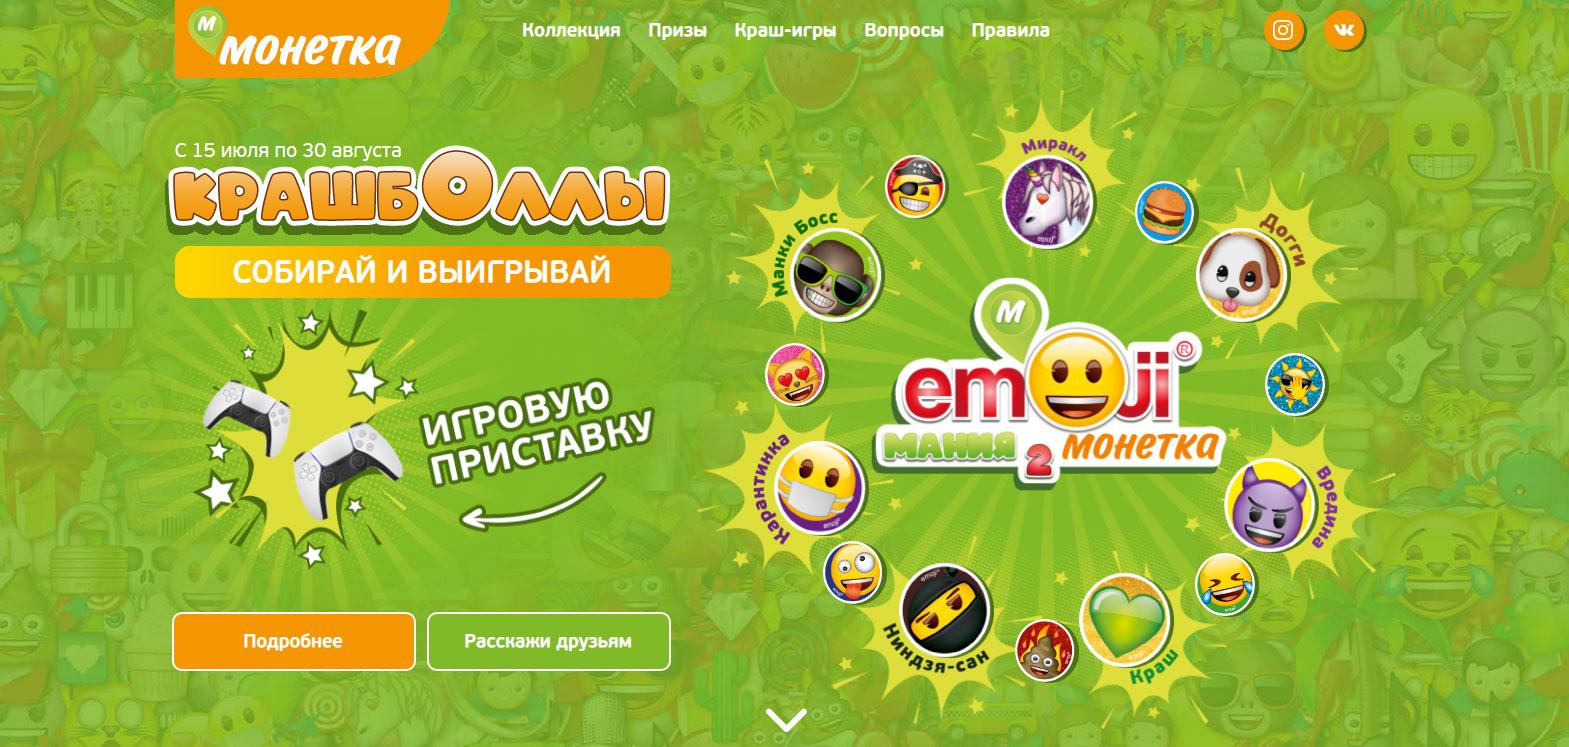 Промо акция Крашболл в Монетке «Эмоджимания-2»!